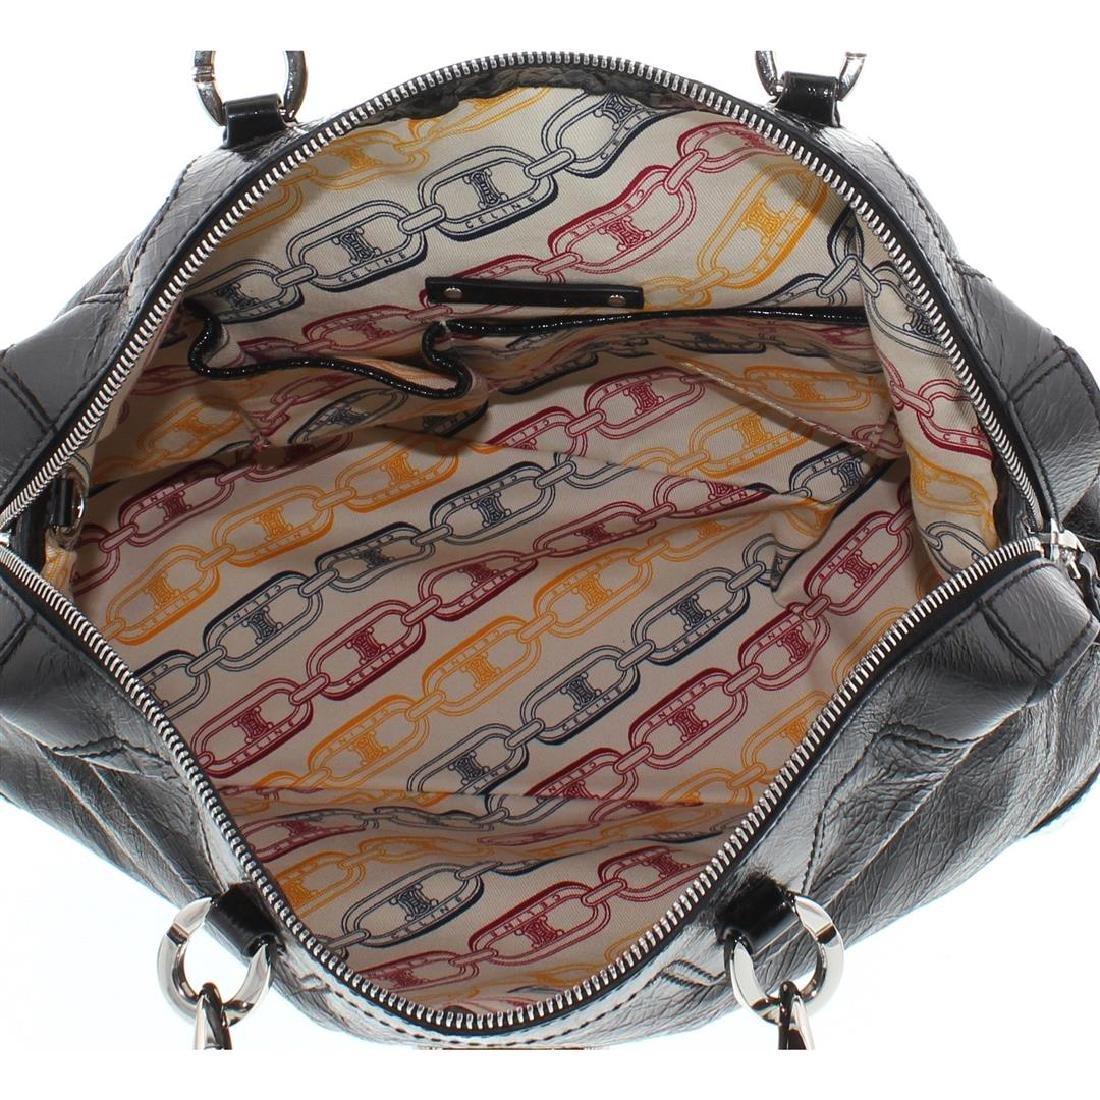 Celine Black Distressed Patent Leather Shoulder Handbag - 9